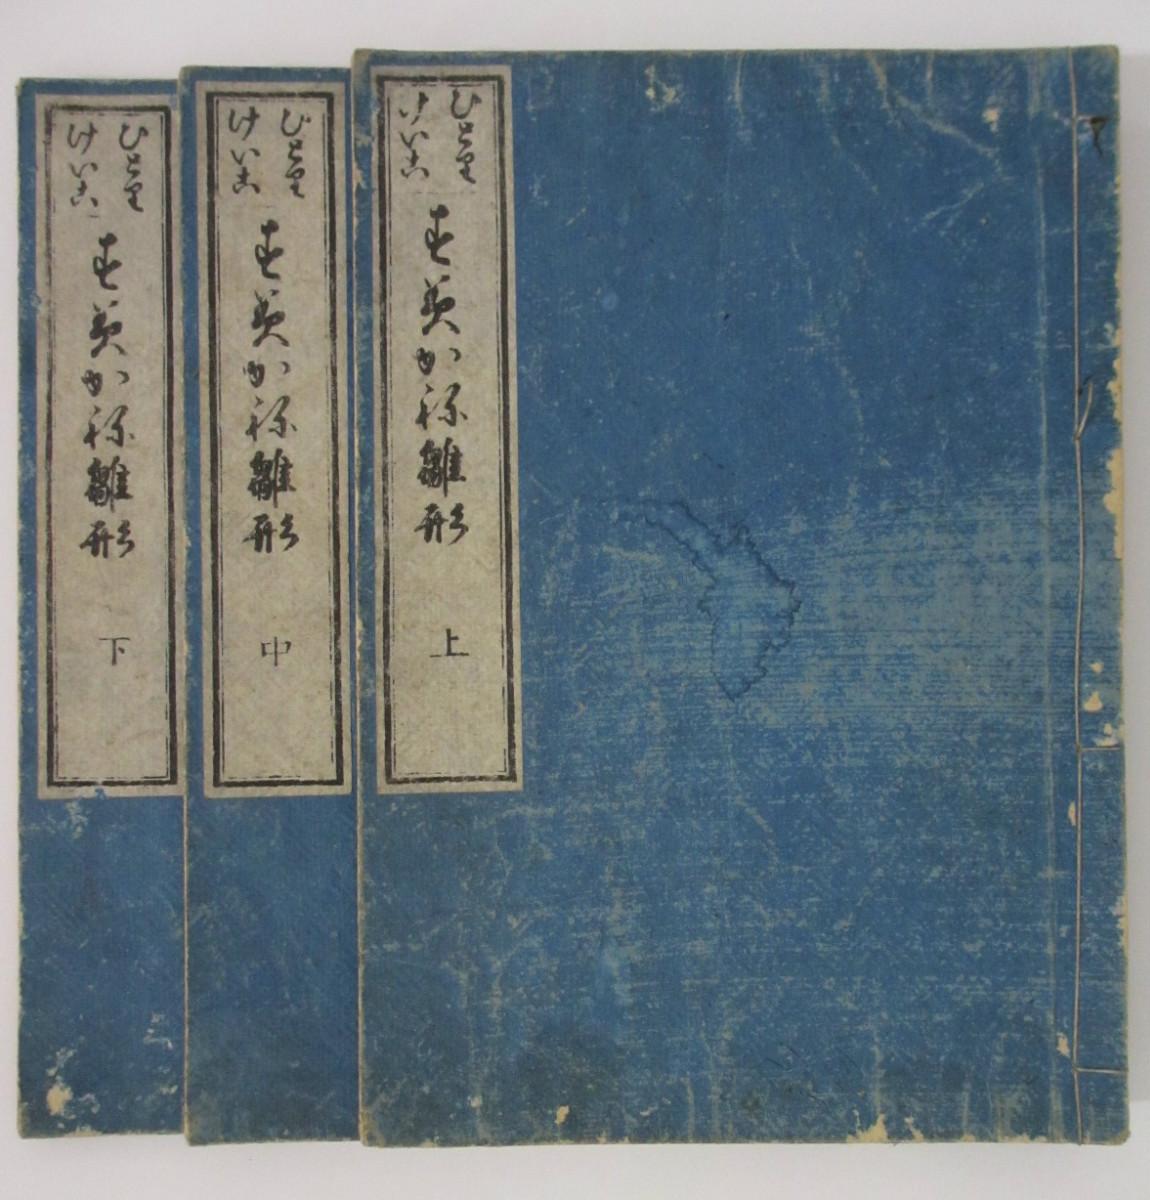 【中古】 独稽古 隅矩雛形 全3冊揃 1876年(明治9年)発行  小林 源蔵著 千鐘房